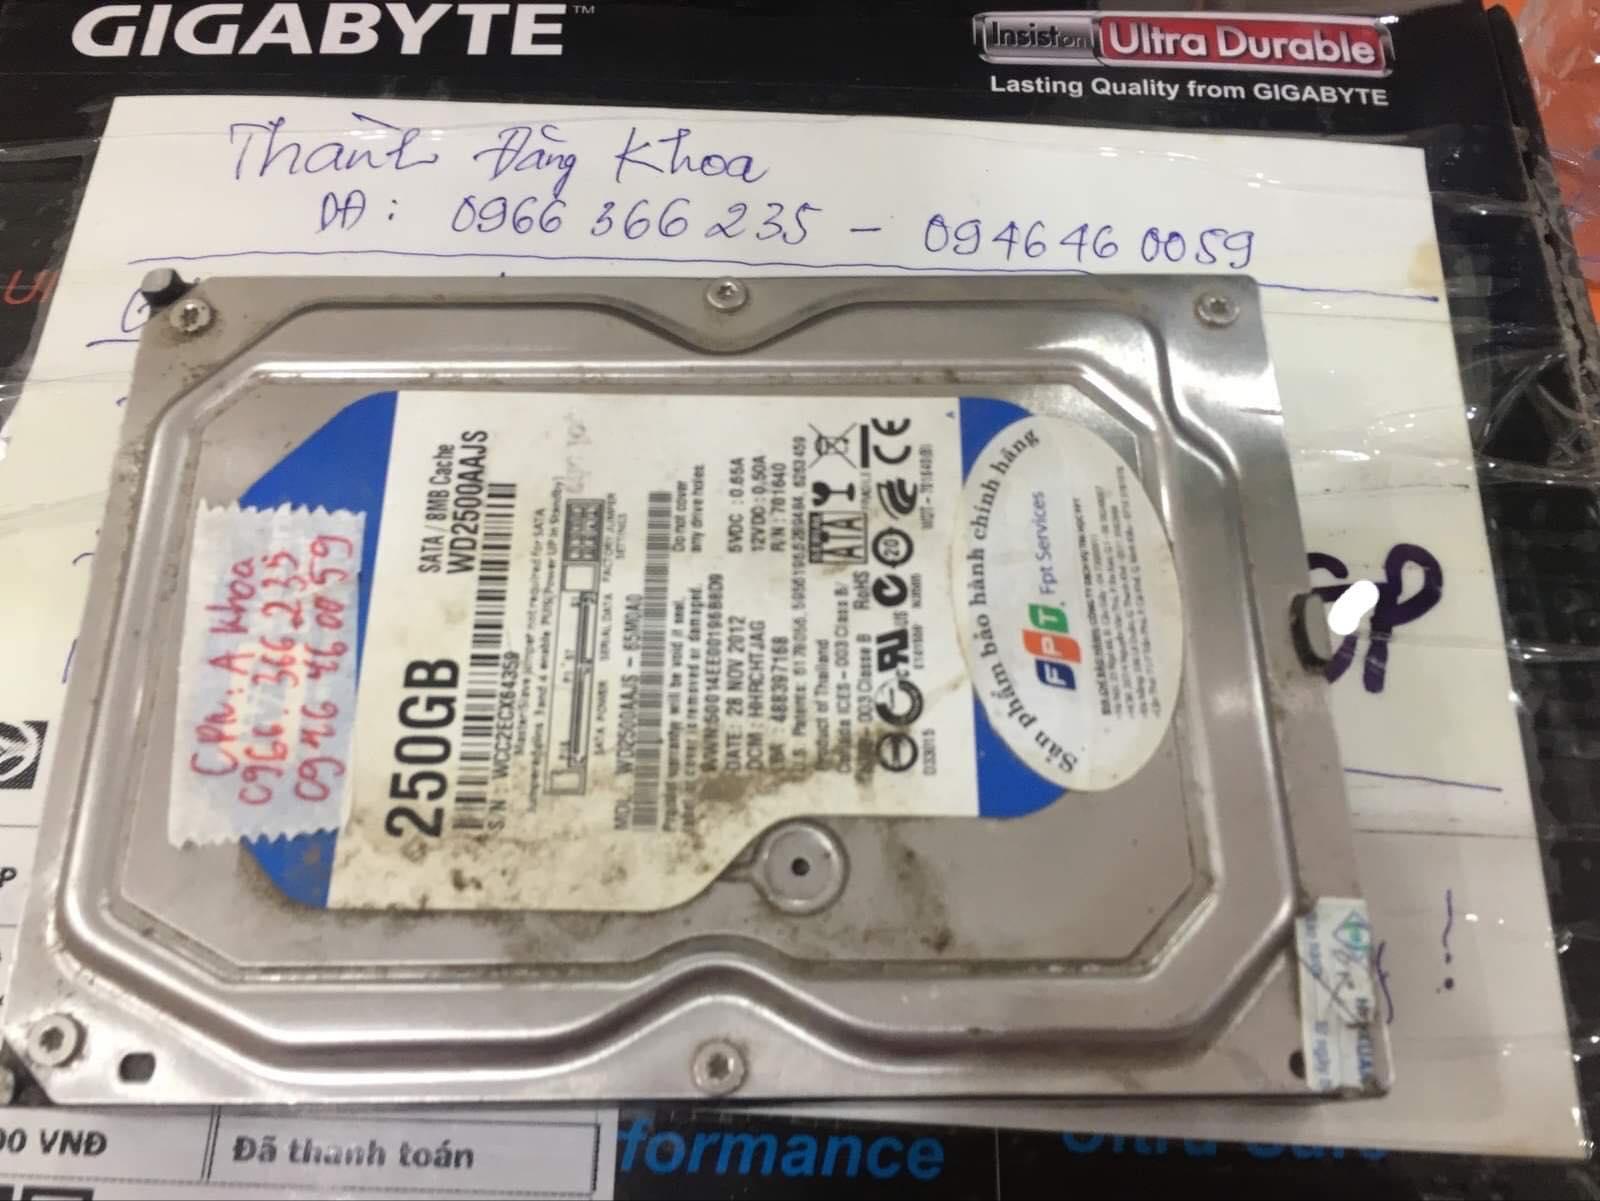 Phục hồi dữ liệu ổ cứng Western 250GB đầu đọc kém tại Thanh Hóa 22/06/2019 - cuumaytinh